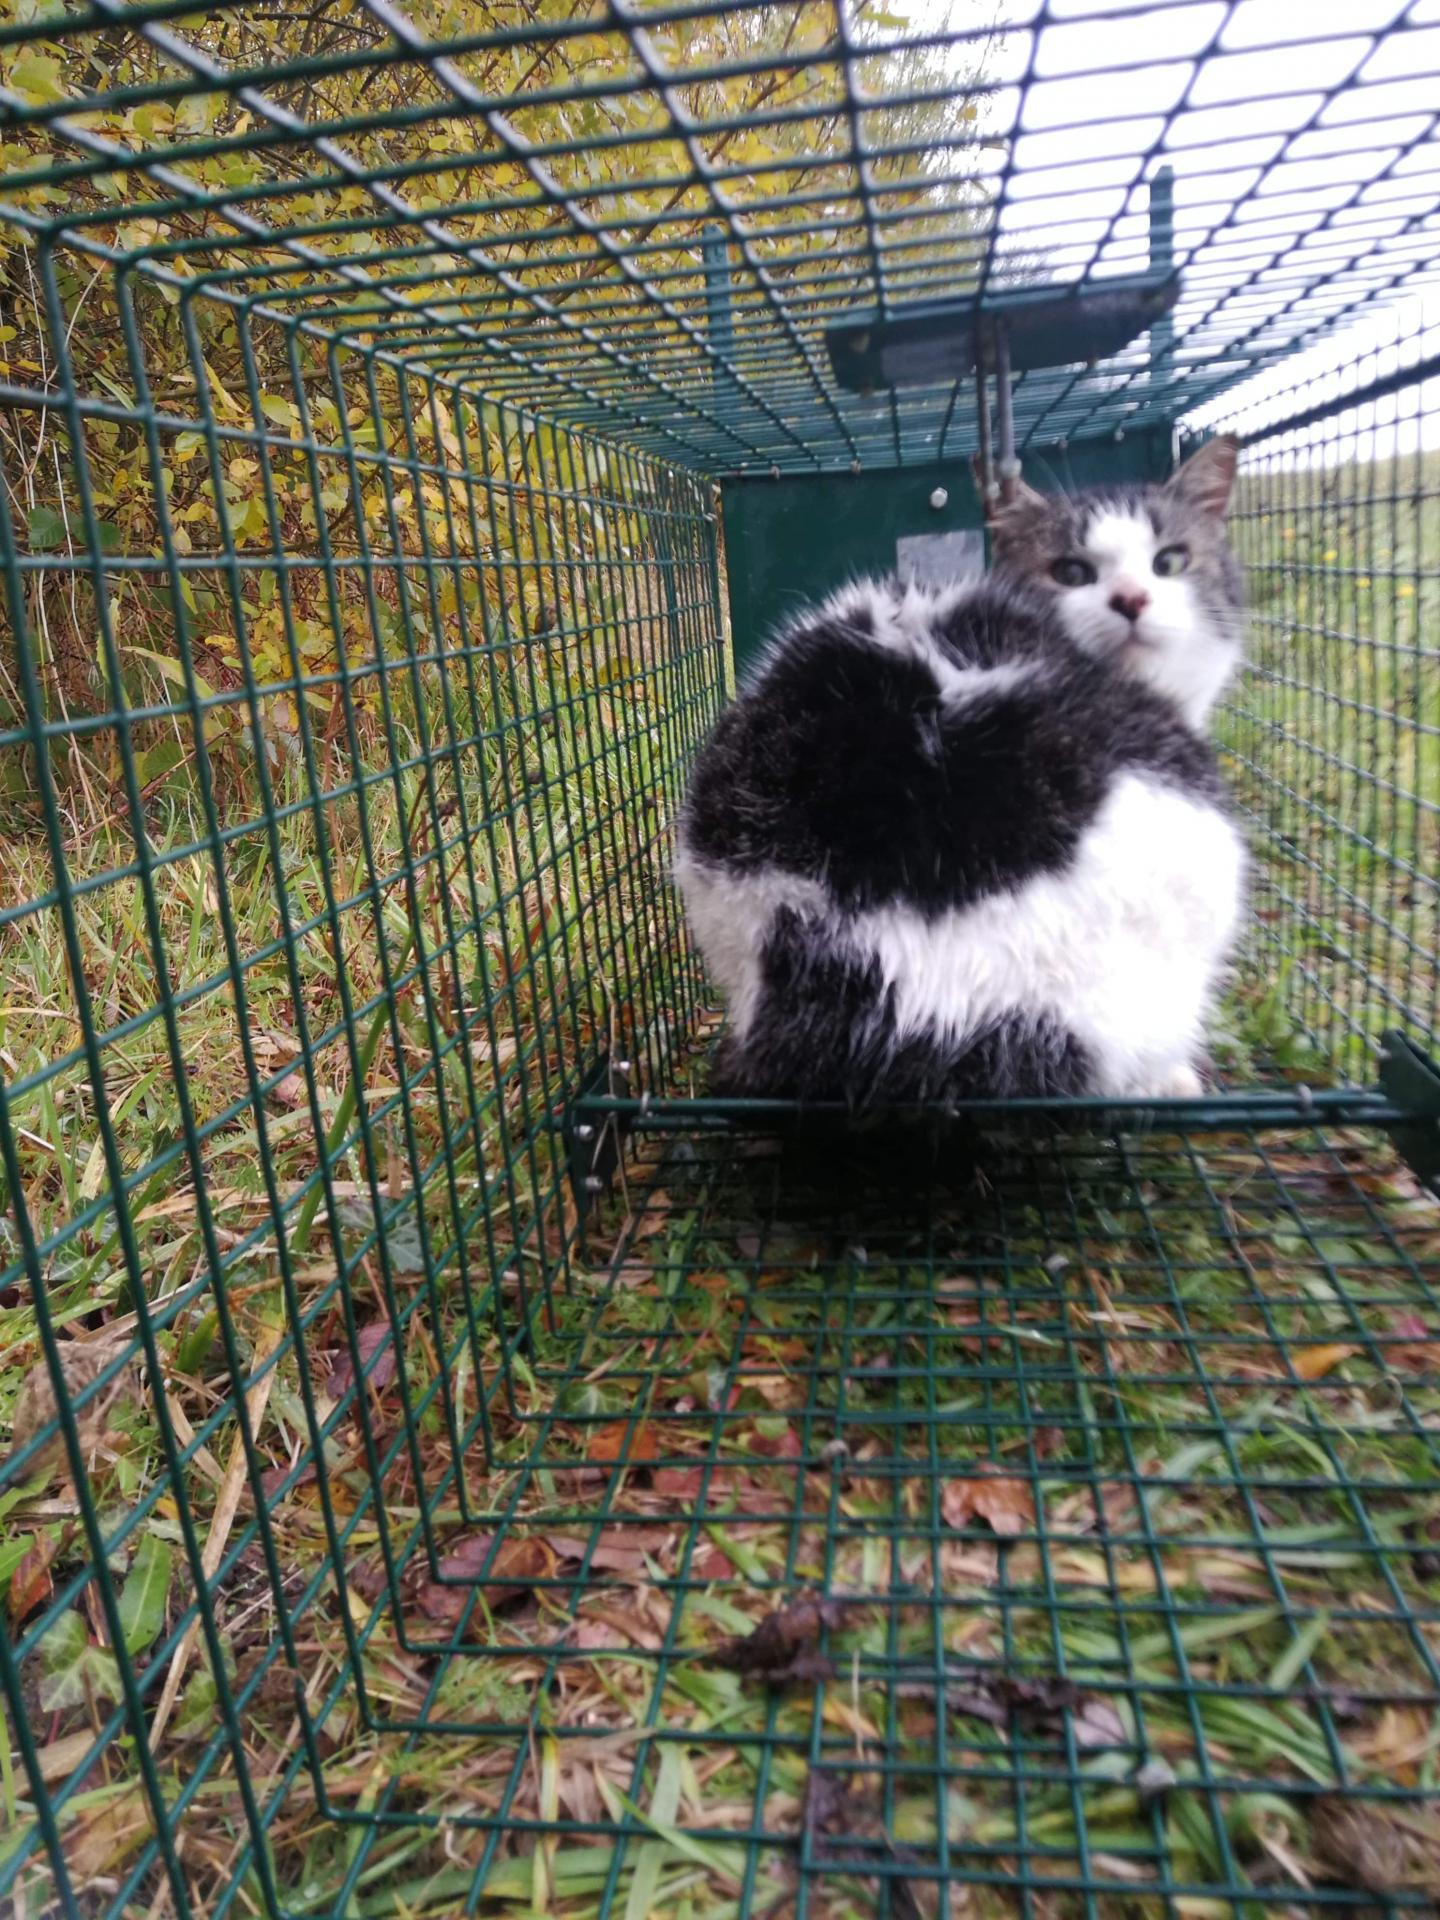 1ere chatounette trappee